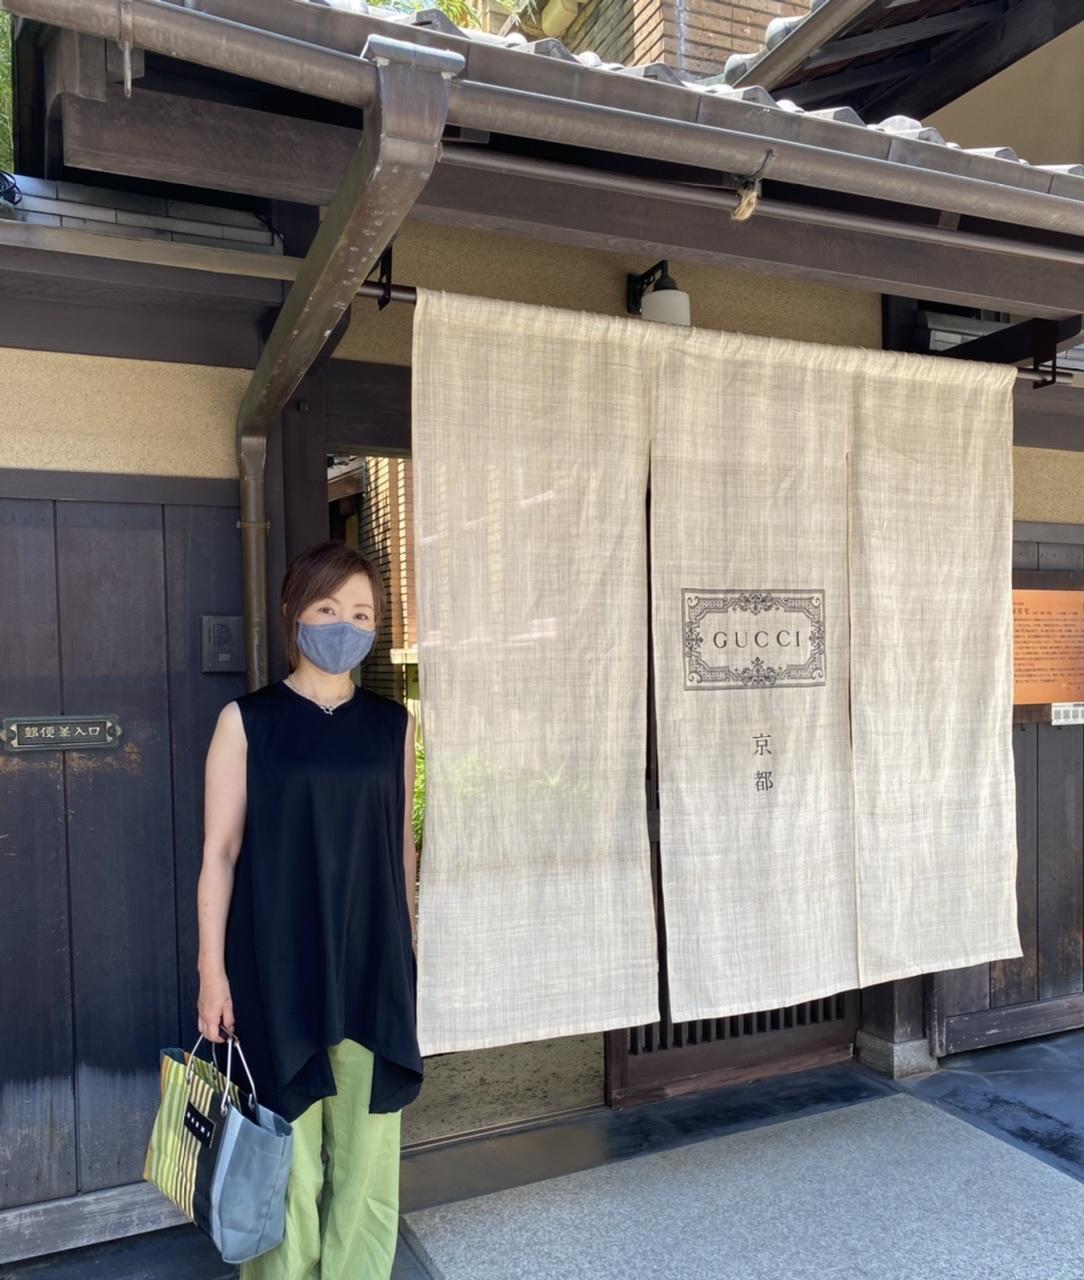 京都旧川崎邸「グッチバンブーハウス」にてグッチの世界観を堪能!!_1_1